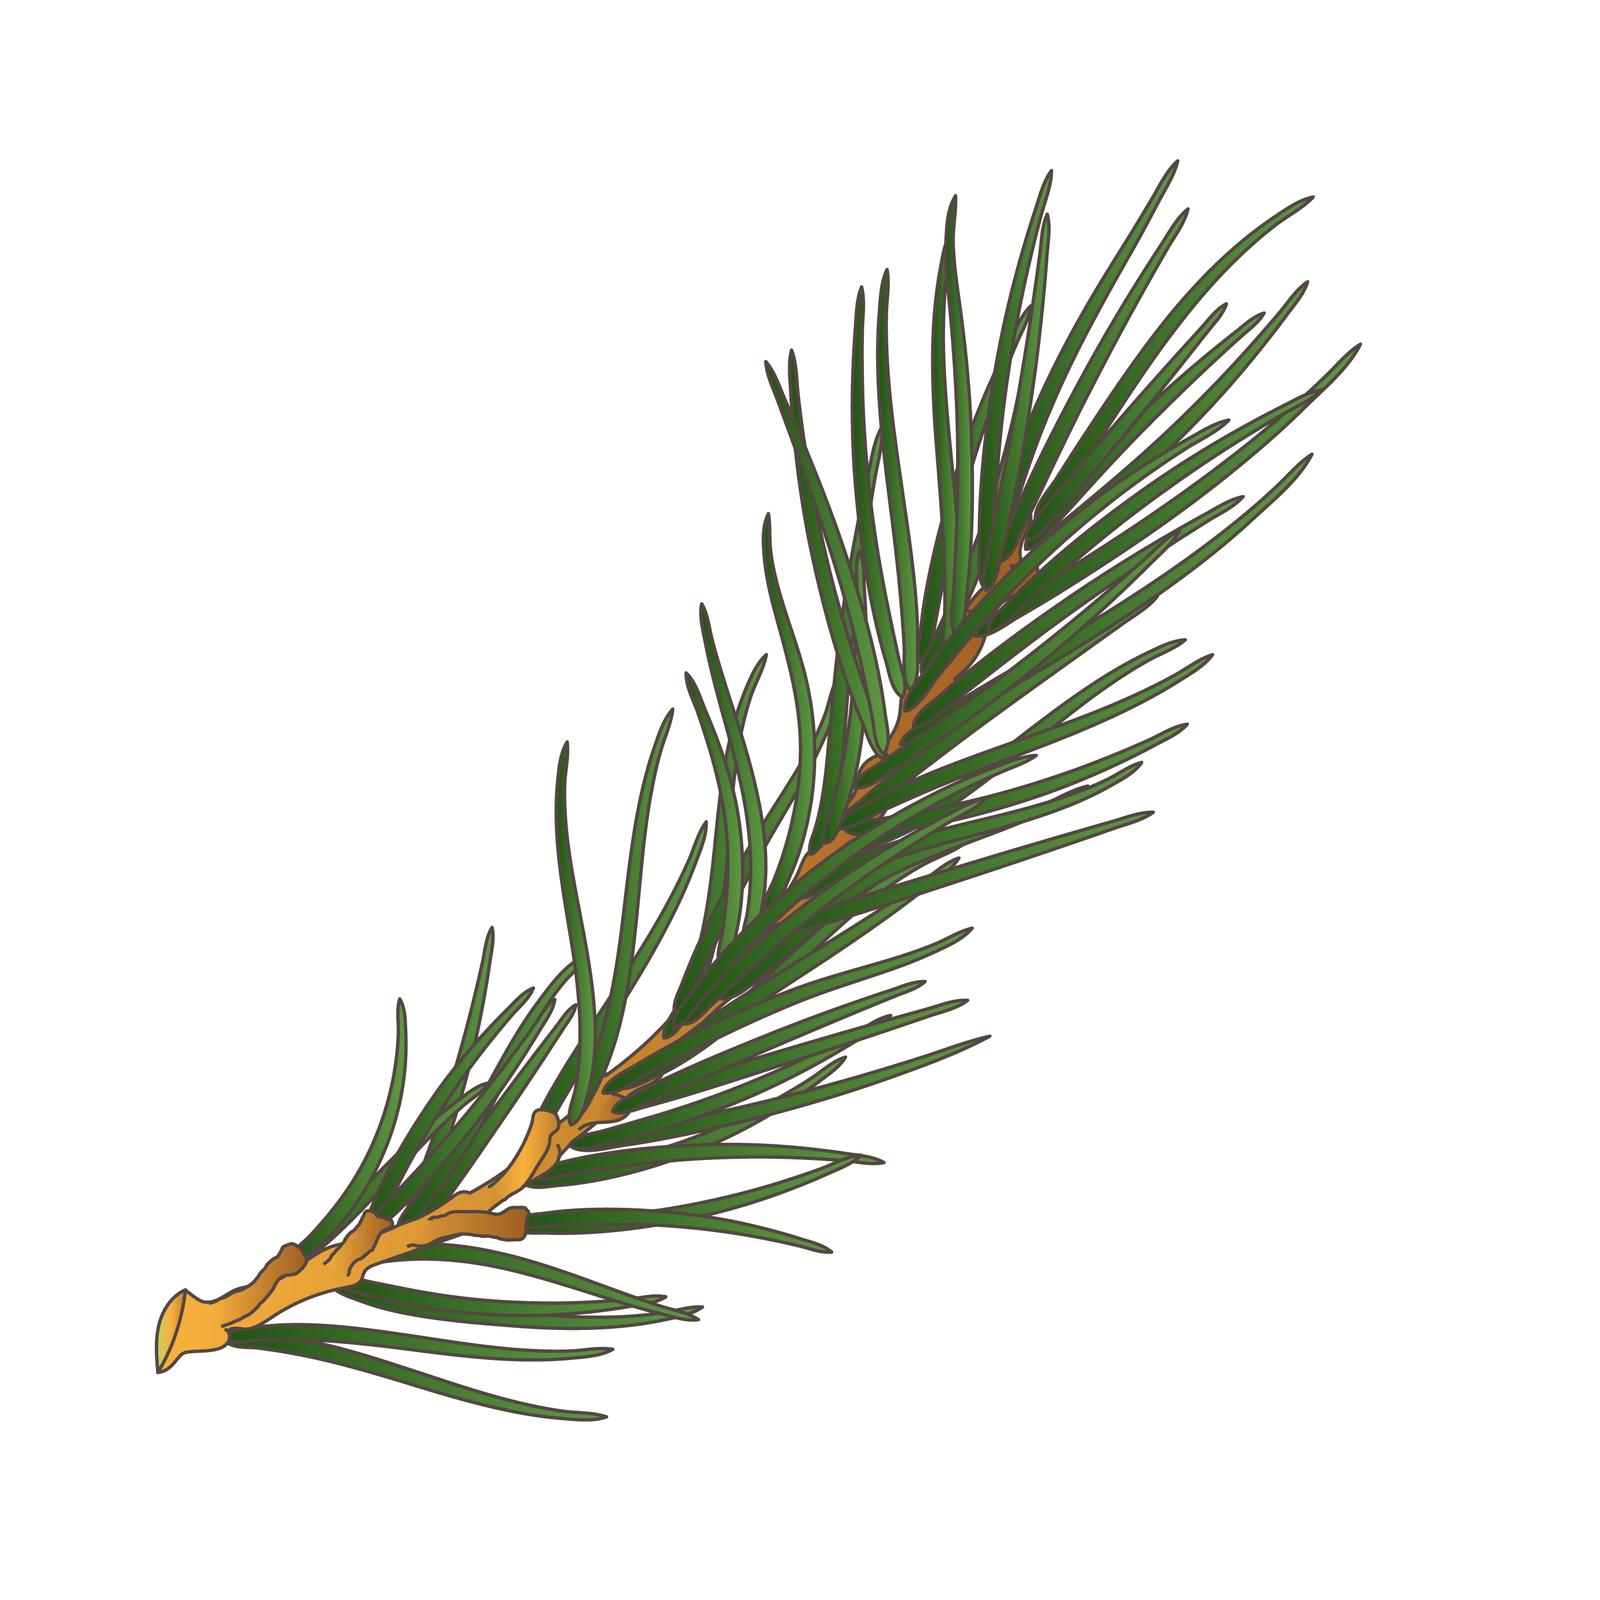 Ilustracja przedstawia pęd sosny. Zjasno brązowej łodygi wyrasta gęsto wiele liści – igieł.